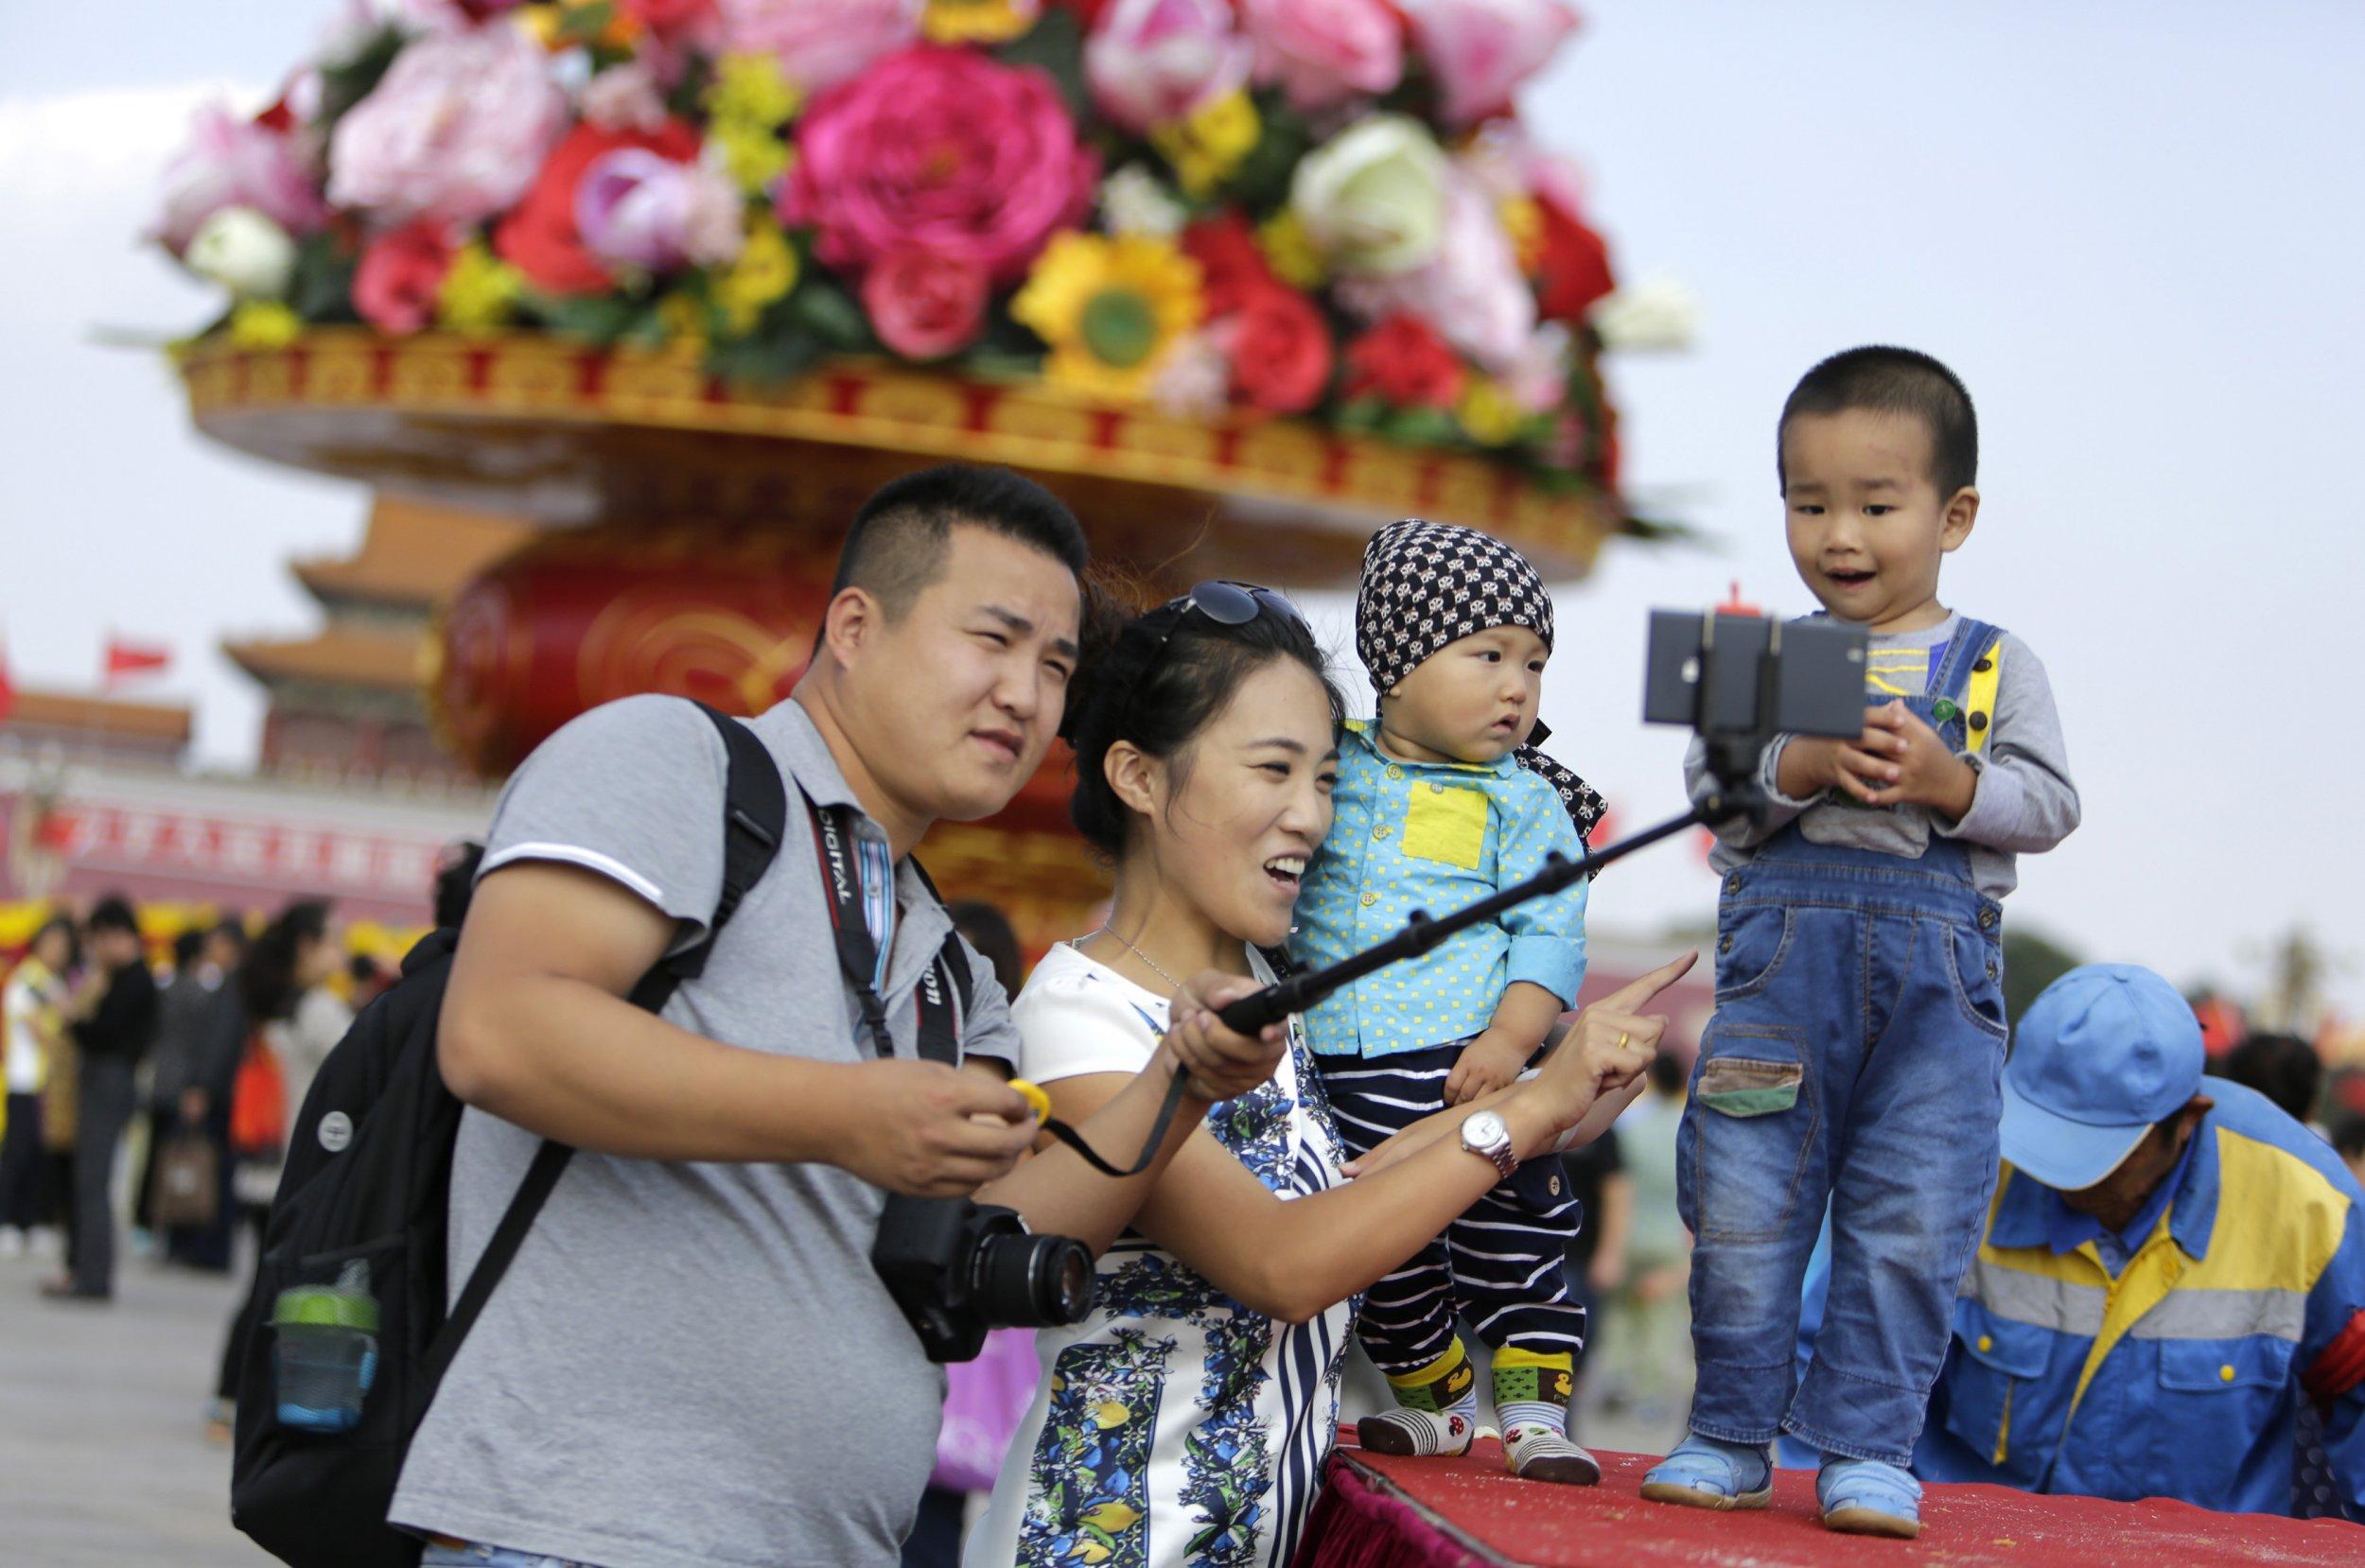 11_02_China_One_Child_01